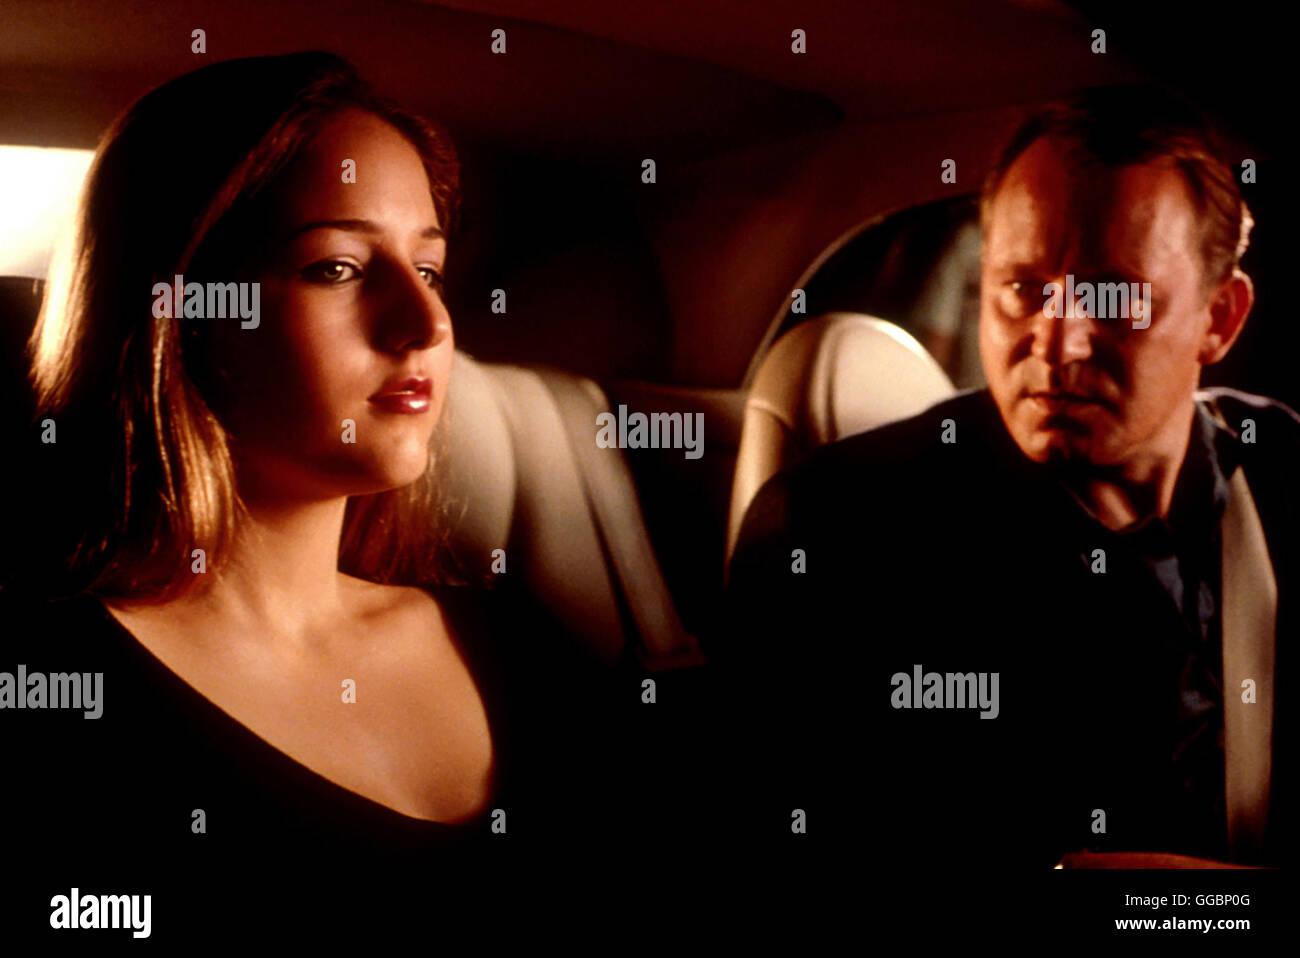 THE GLASS HOUSE / Glass House USA 2001 / Daniel Sackheim Als die Eltern von Ruby (LEELEE SOBIESKI) und Rhett bei Stock Photo